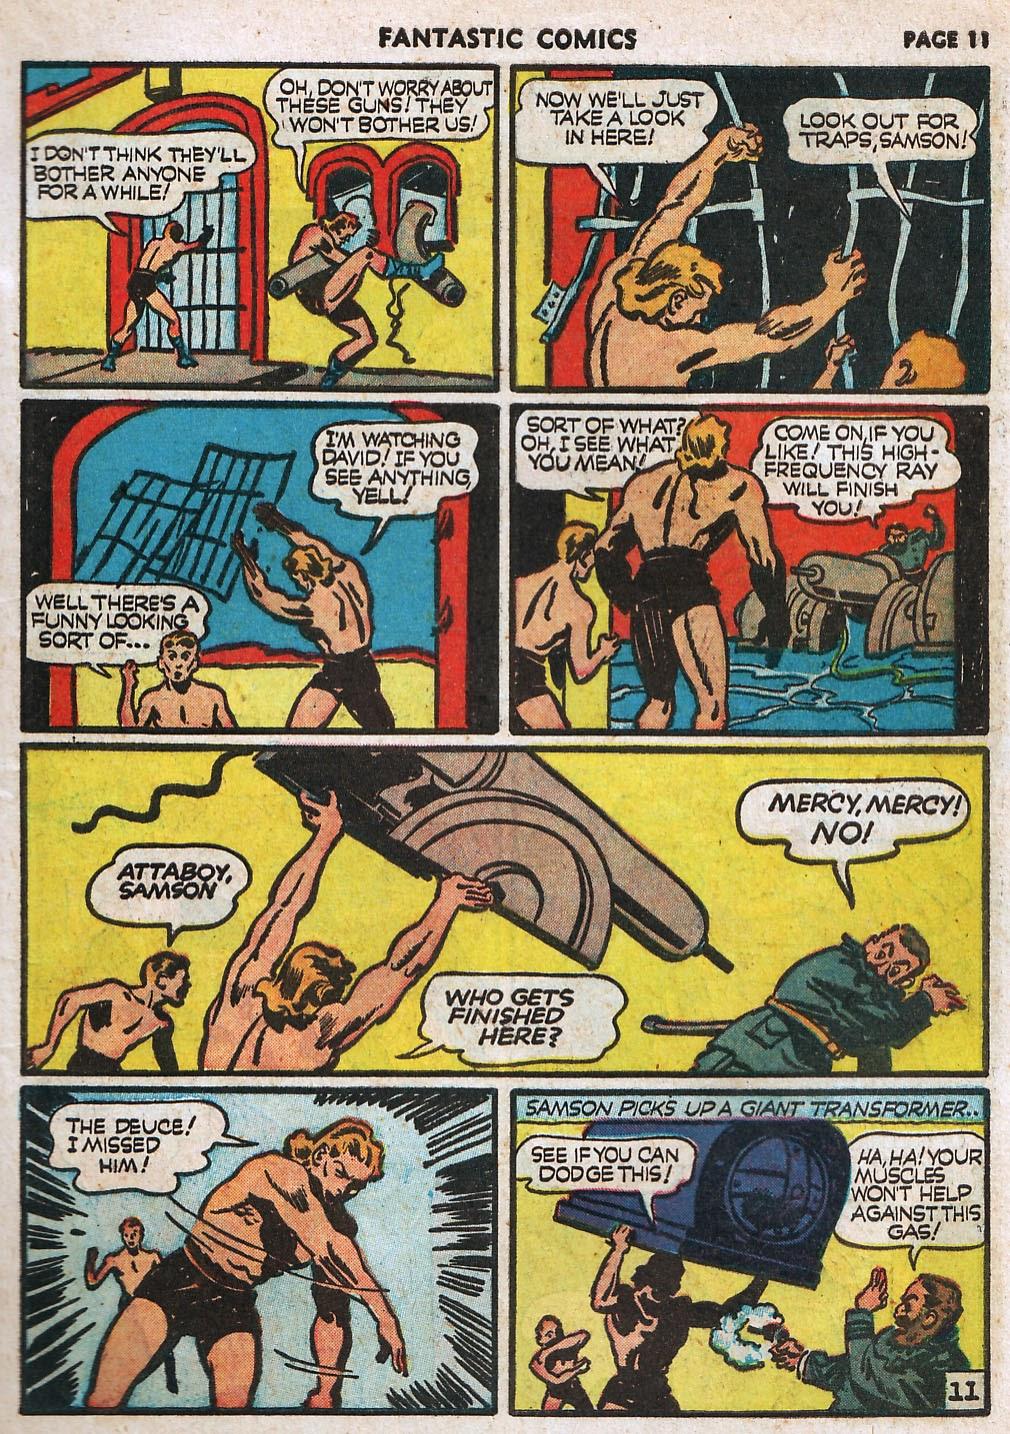 Read online Fantastic Comics comic -  Issue #17 - 13